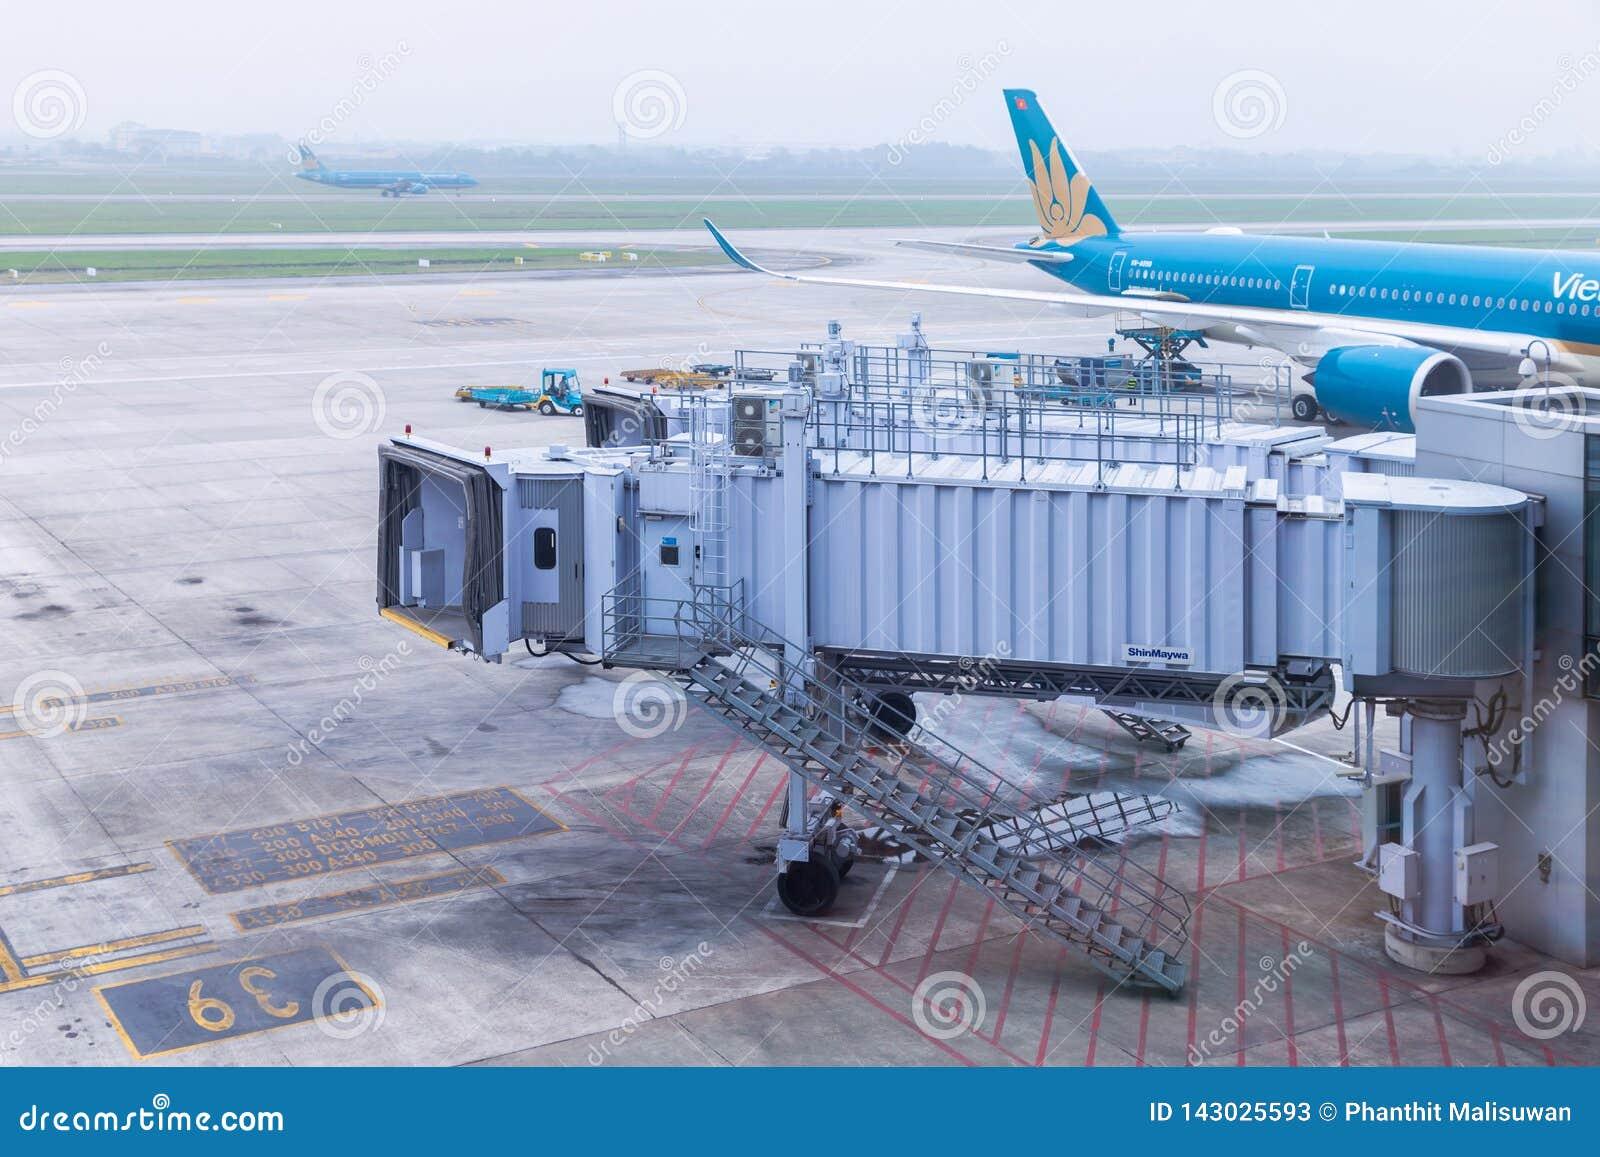 上的桥梁或喷气机桥梁由地面服务乘员组为乘客做准备离去或抵达Noi Bai国际机场